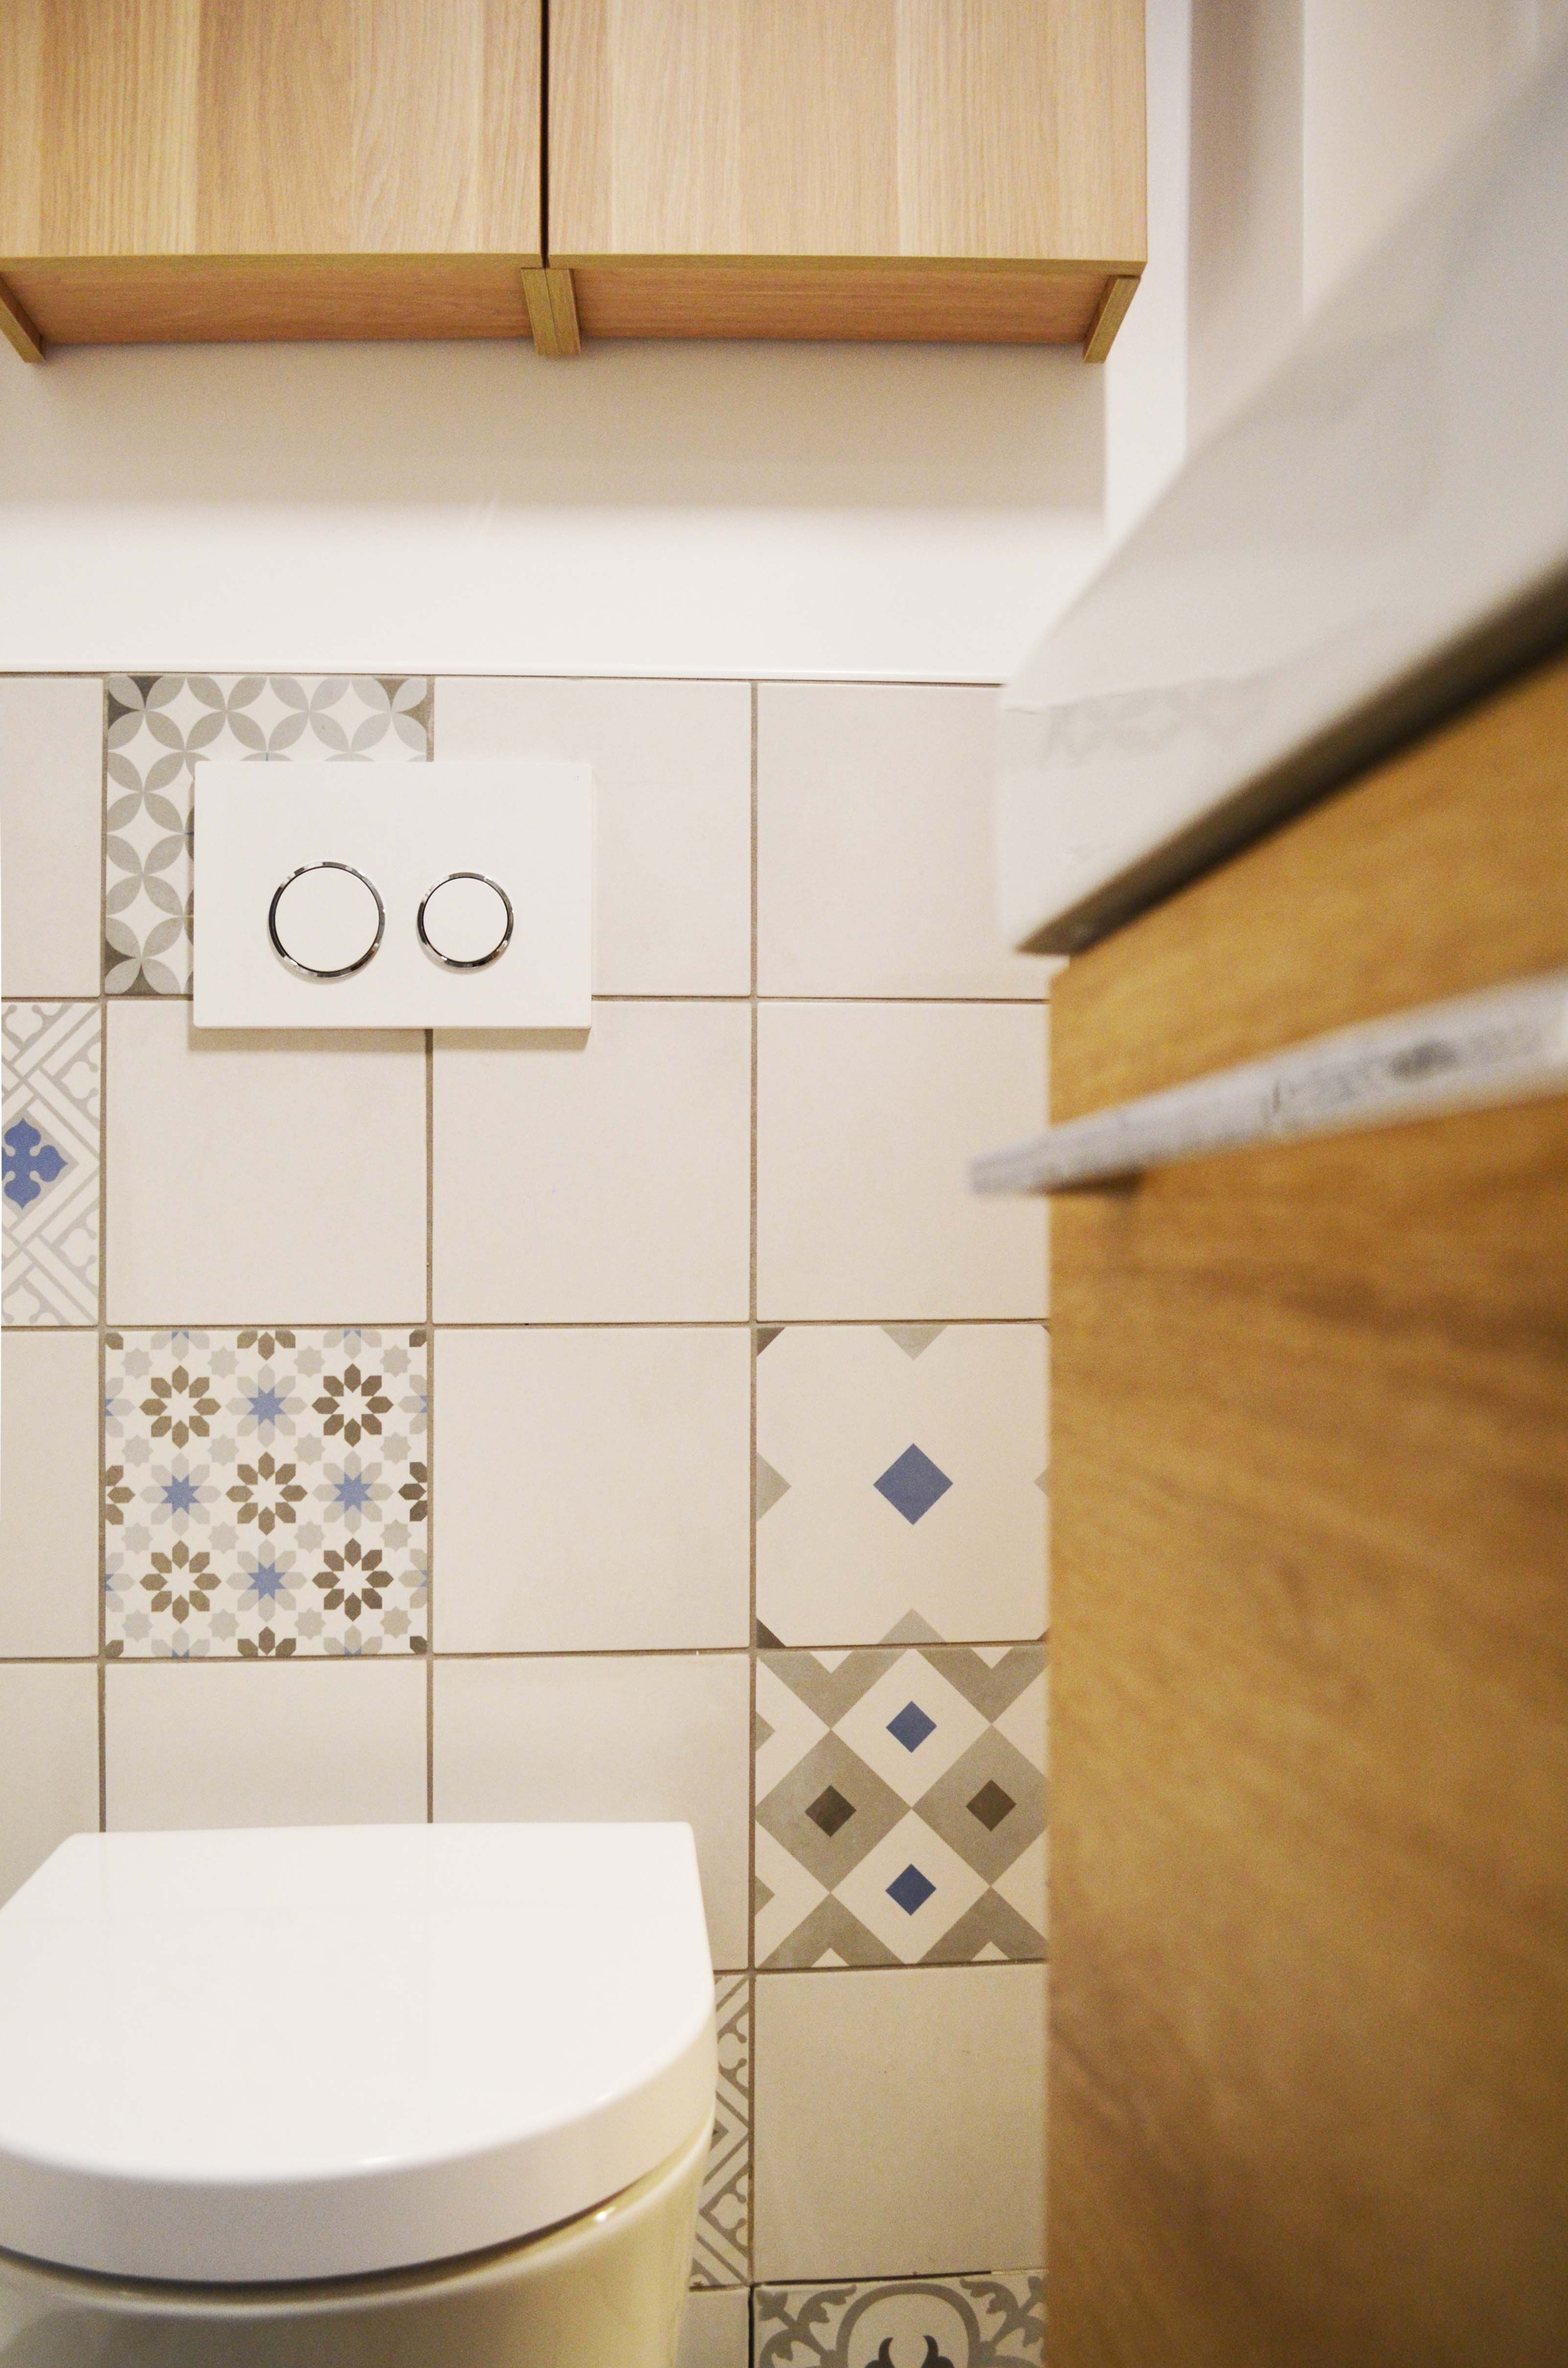 © Sandrine Carré - Décoratrice www.sandrinecarre.com  Astuces petits espaces, armoire à pharmacie, bleu, bois clair, carreaux, carrelage, ciment, chêne, douche, douche à l'italienne, géométrique, gris, lavabo, vasque, meuble sous lavabo, motifs, paroi de douche en verre, pastel, petits espaces, robinet de salle de bain, salle d'eau, salle de bains, scandinave, studio, rétro, wc, toilettes, wc suspendu